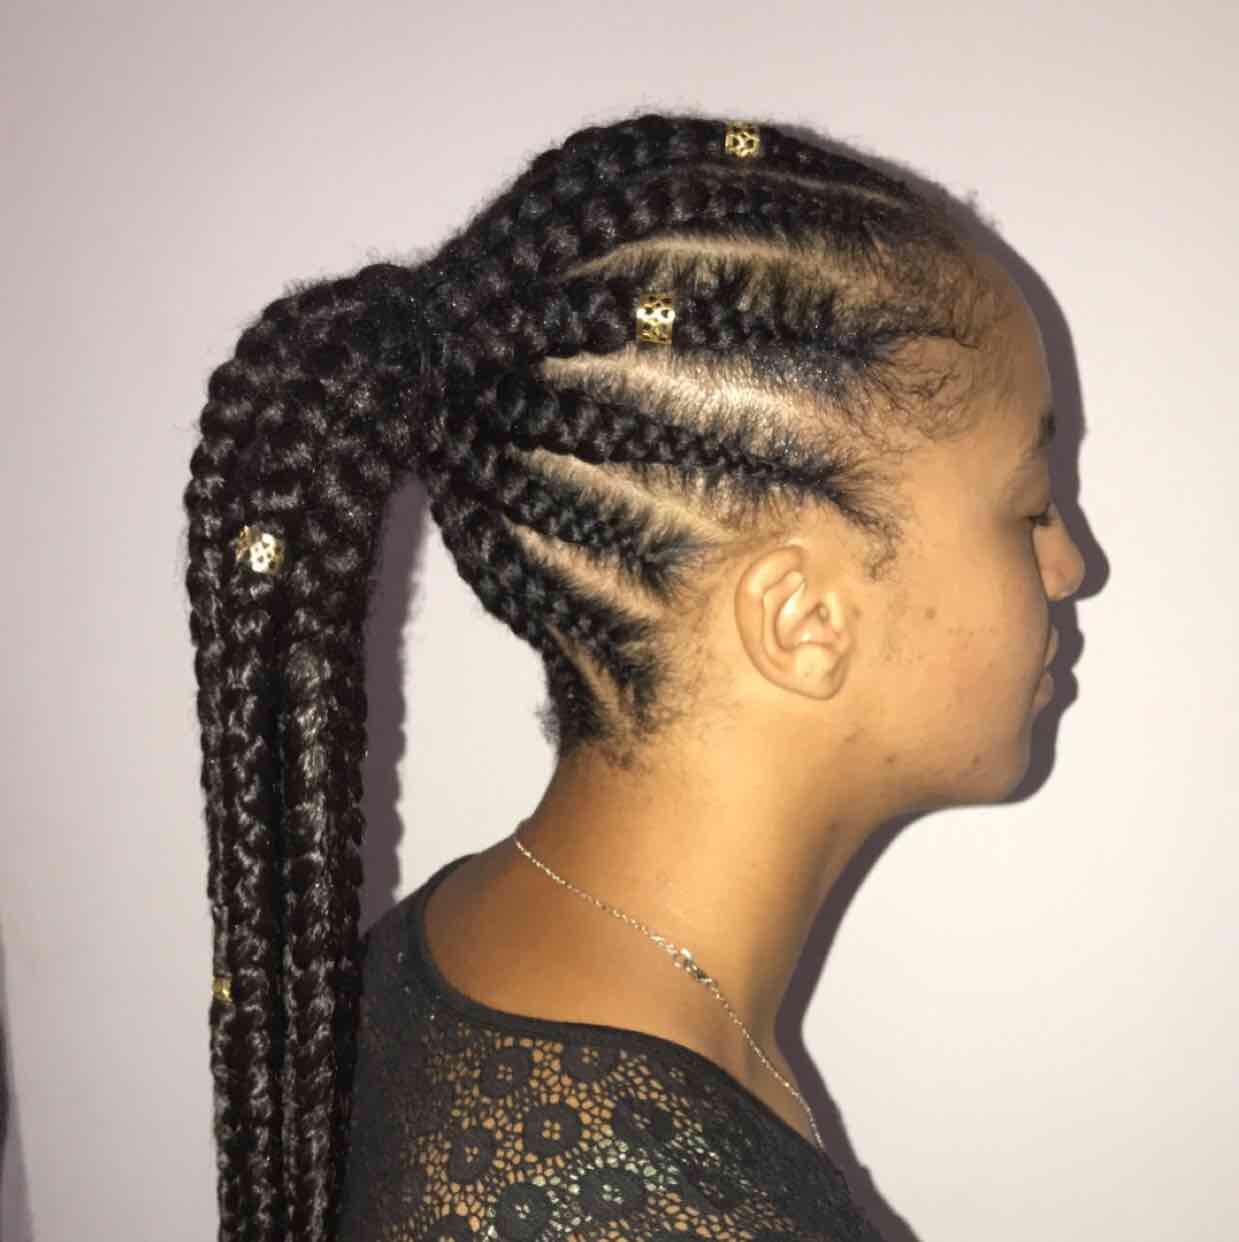 salon de coiffure afro tresse tresses box braids crochet braids vanilles tissages paris 75 77 78 91 92 93 94 95 CCKWVGPK